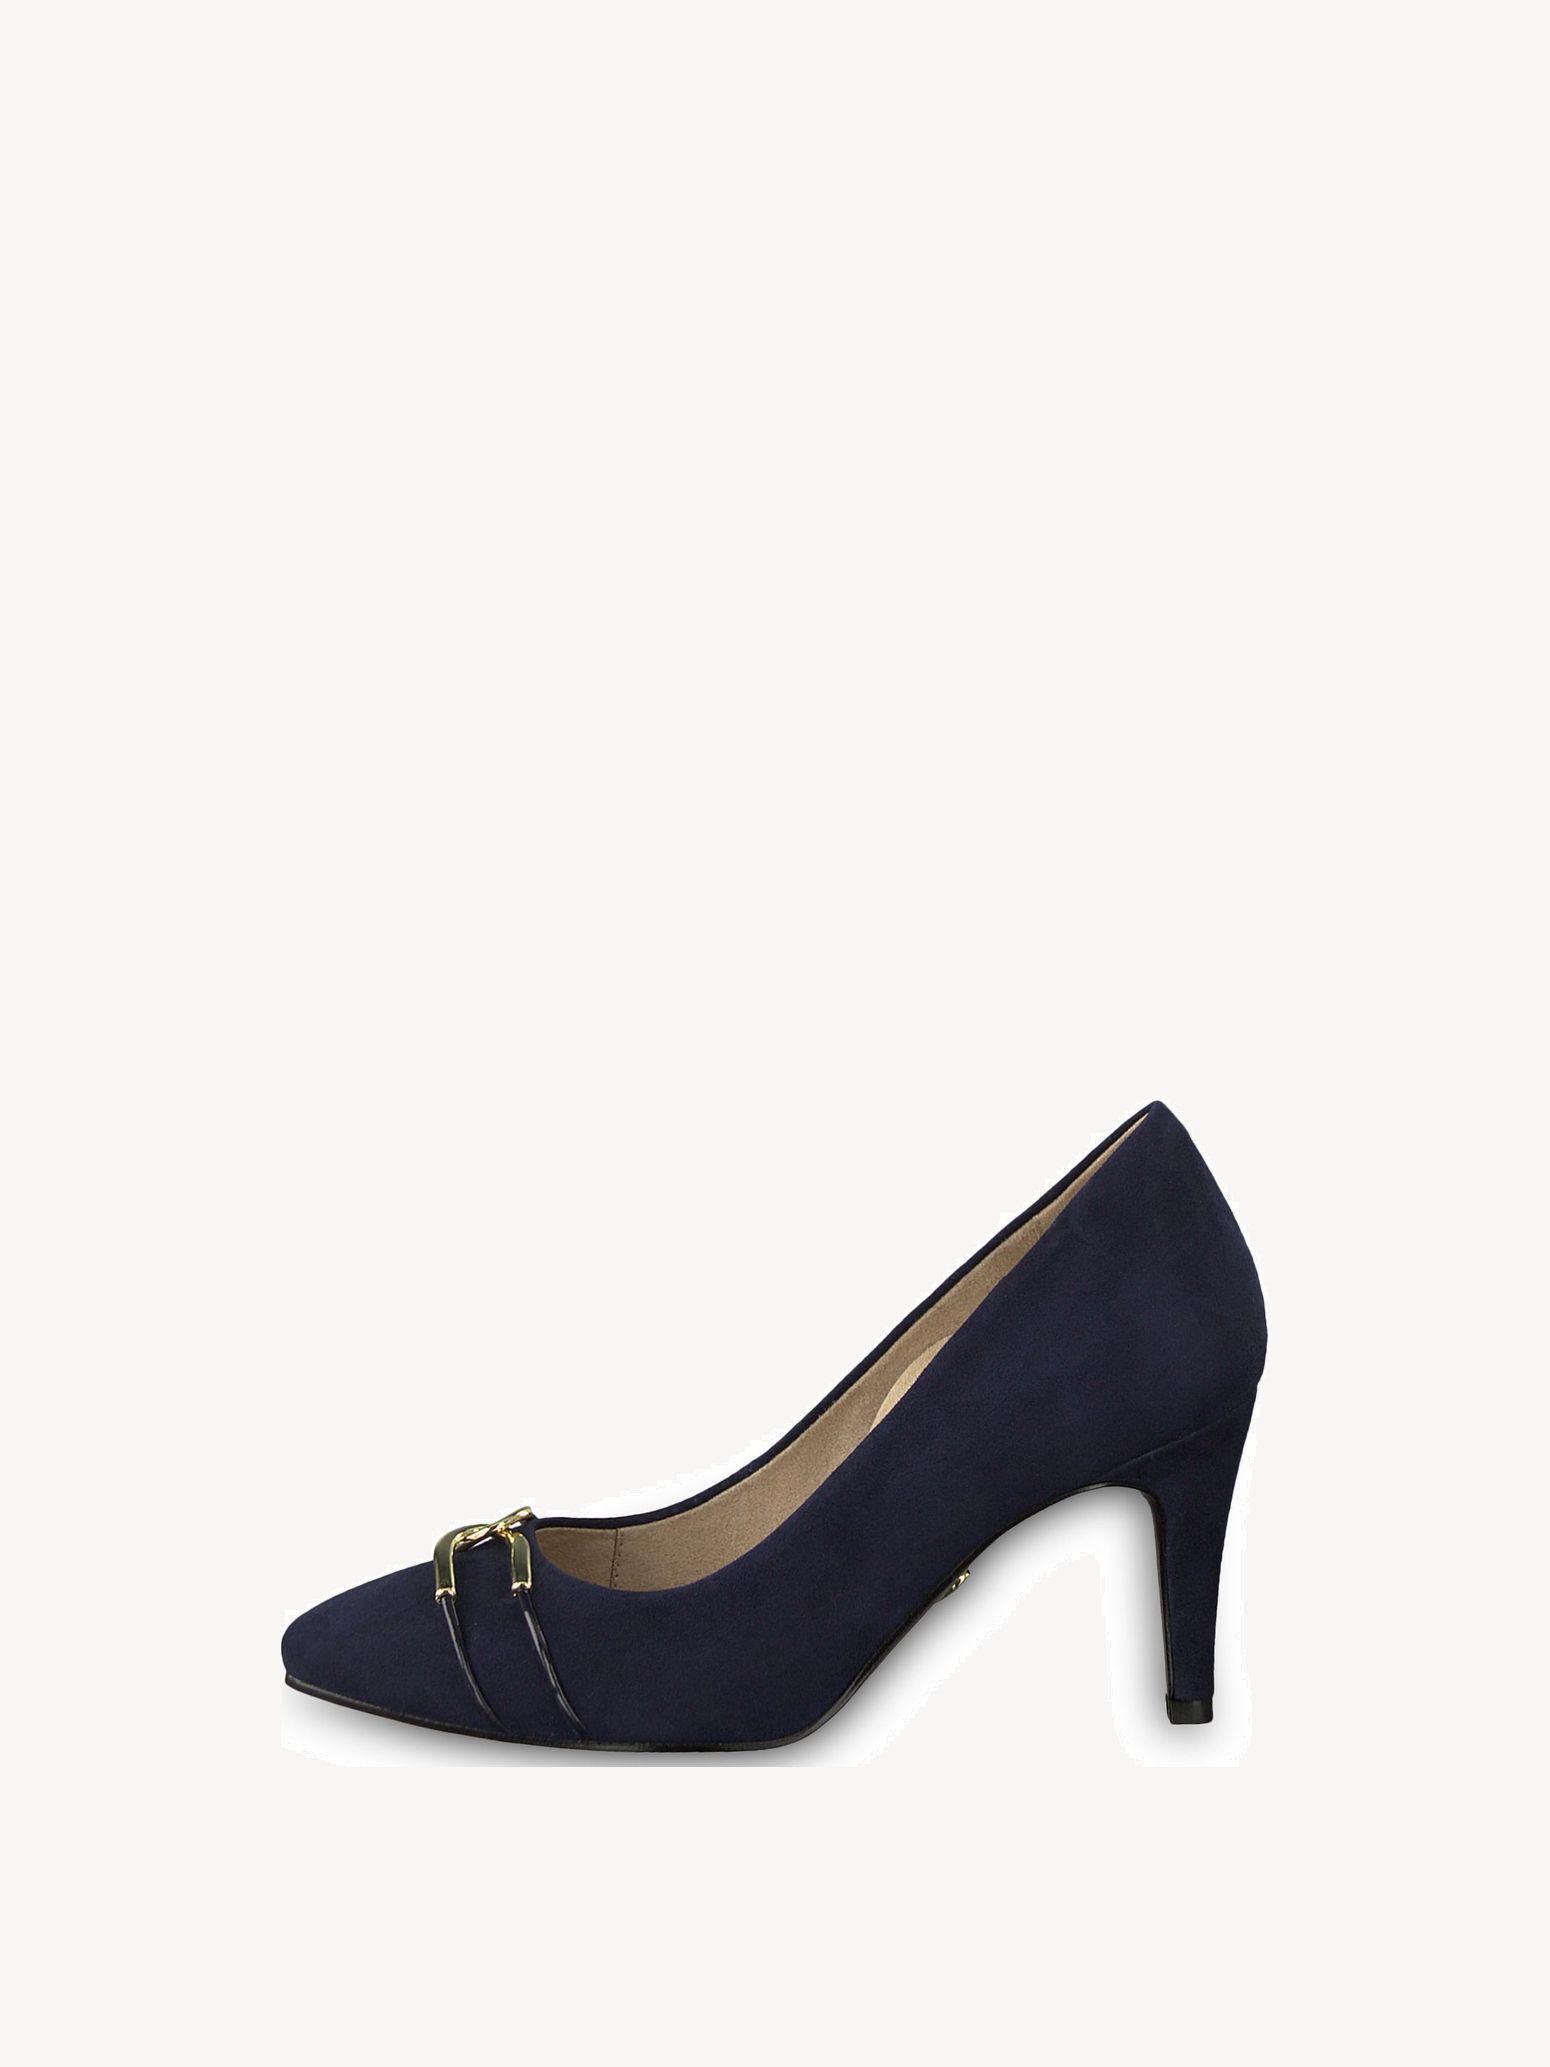 001c42e356480 Boutique Chaussures La Femmes Tamaris En Ligne Pour Sur qr7HIr